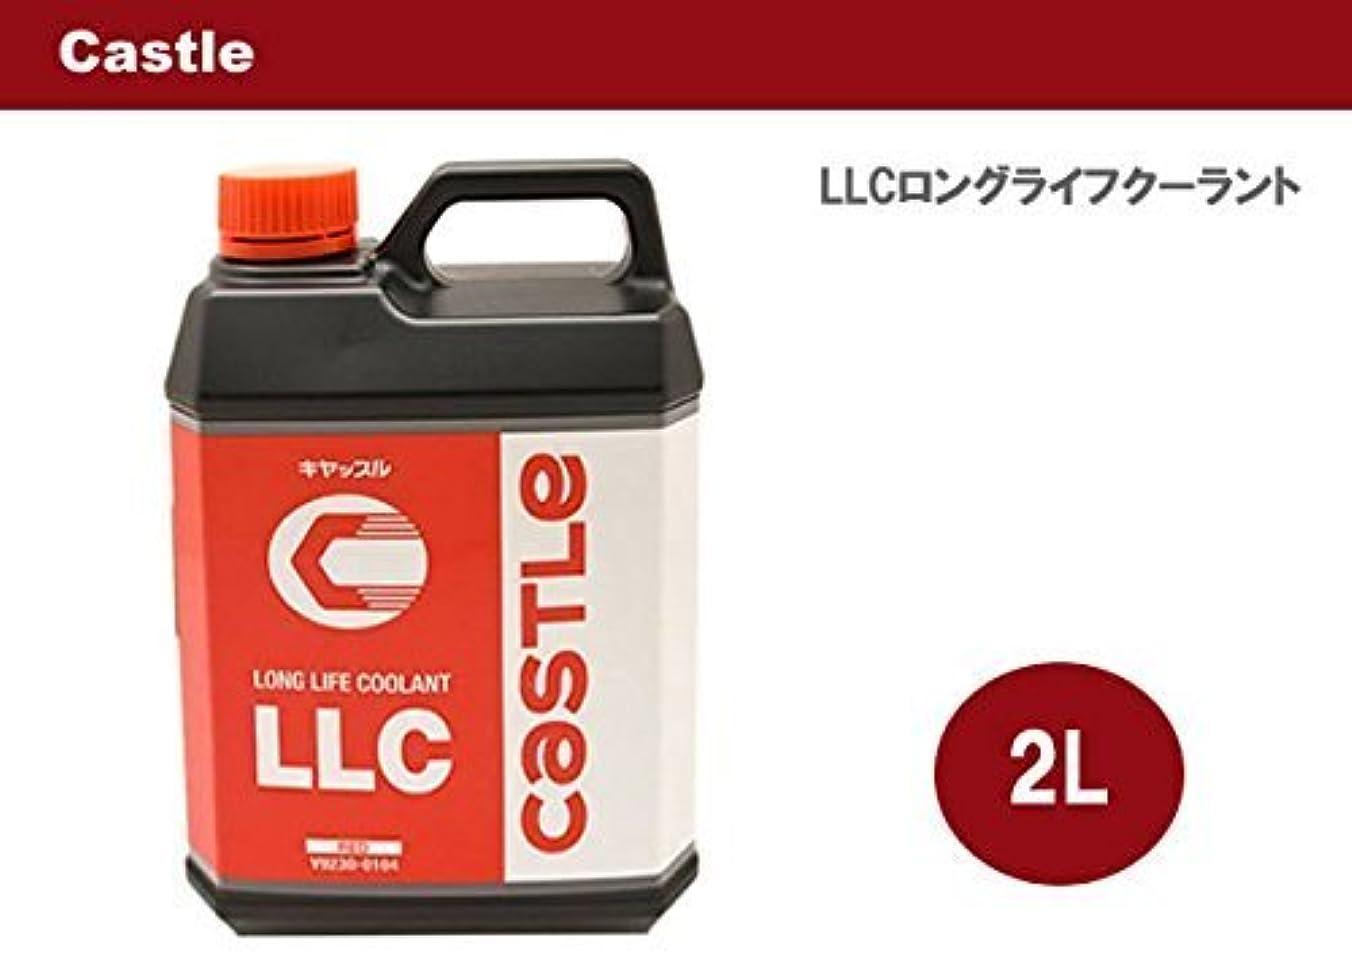 湿地トランク標高キャッスル(トヨタ) タクティー LLC クーラント レッド 赤色 V9230-0104 2L